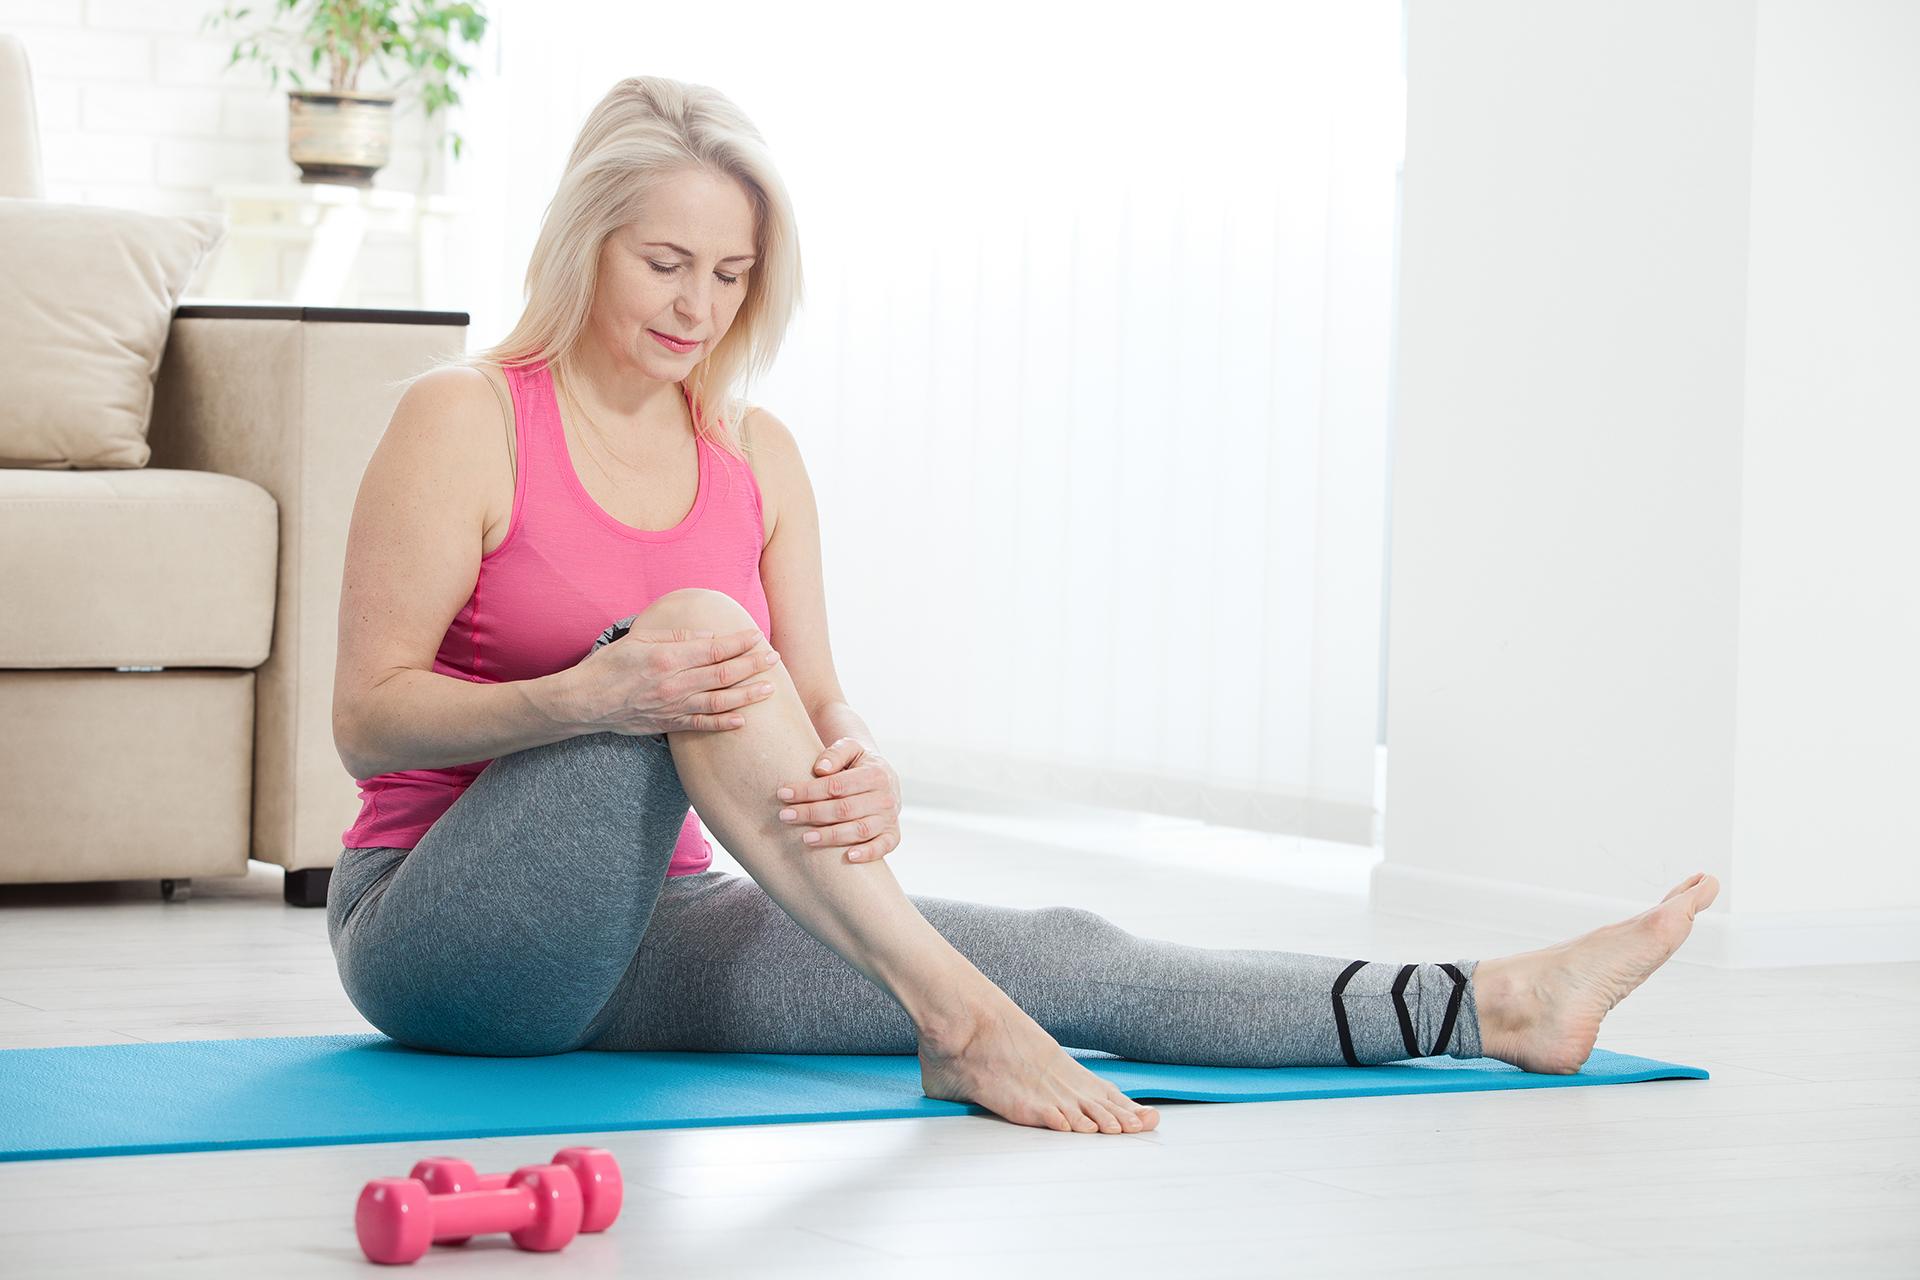 Knee pain when bending knee